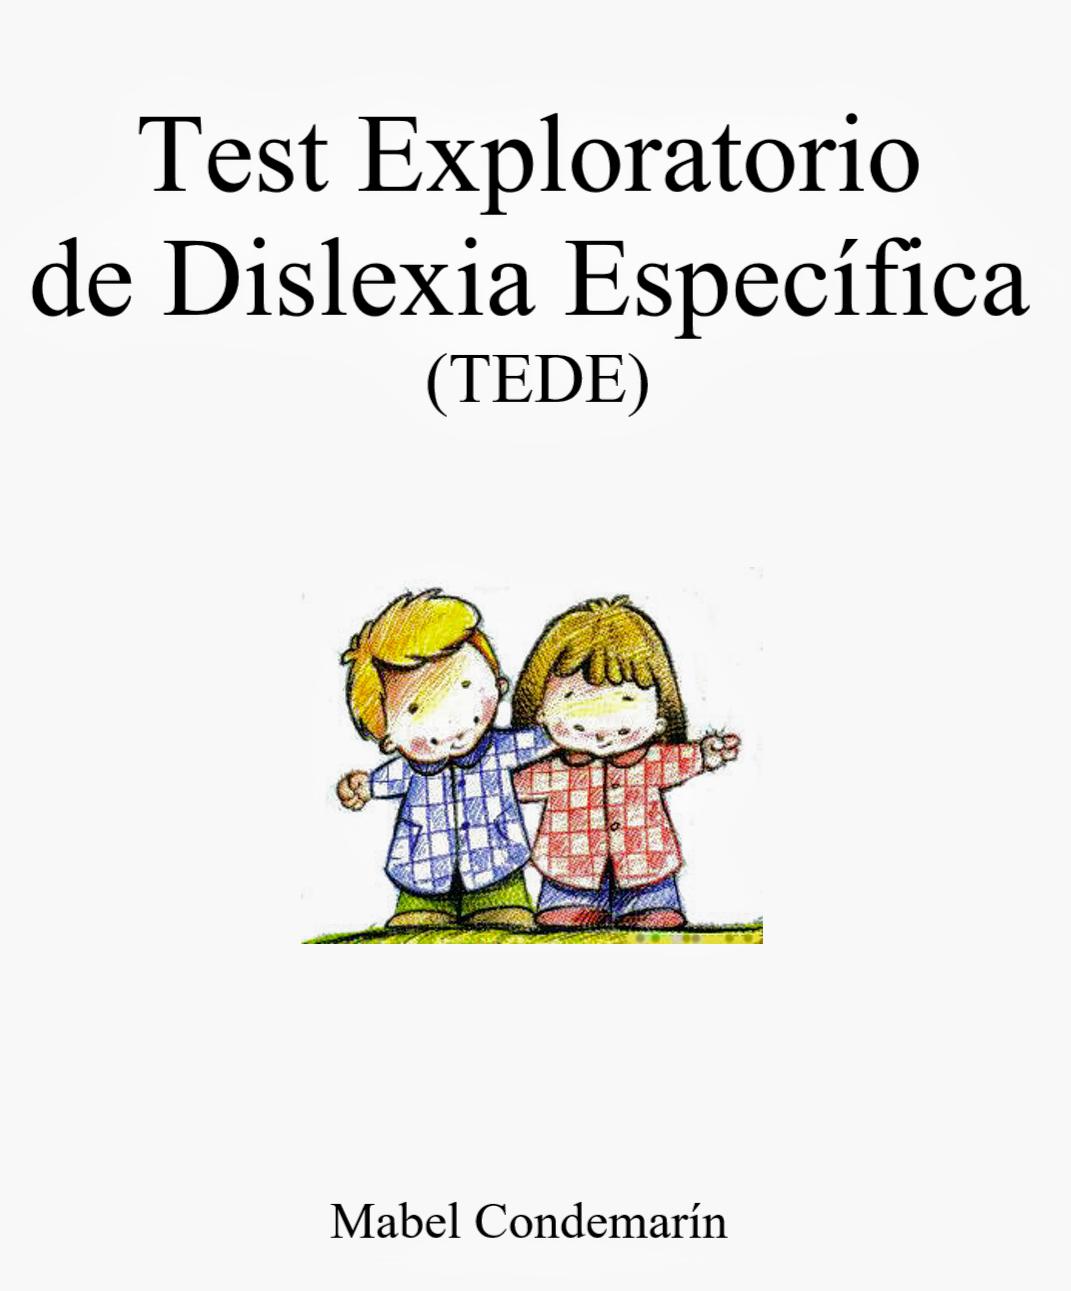 Test exploratorio de dislexia específica. Descargar gratis.